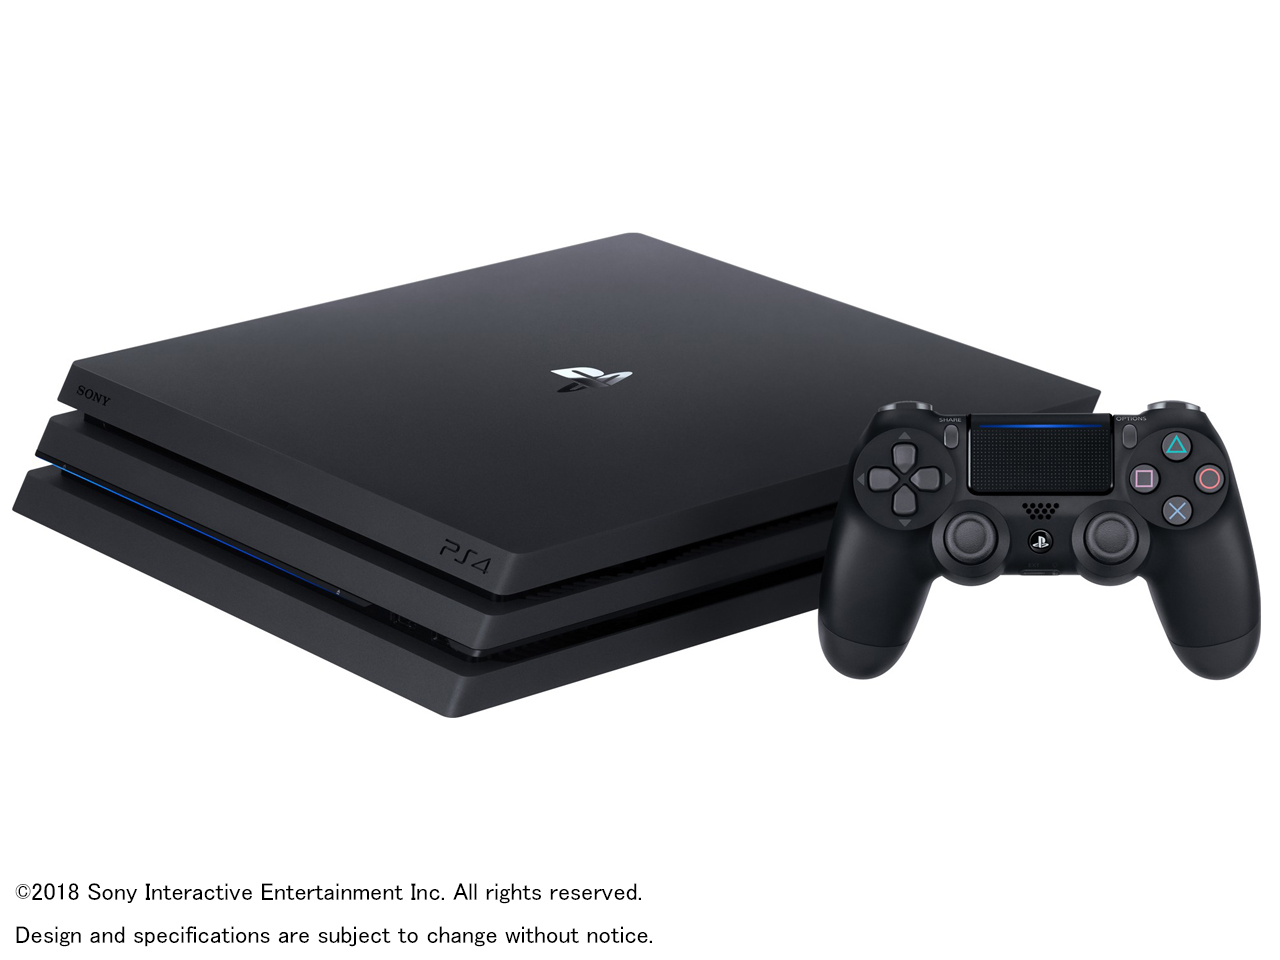 プレイステーション4 Pro PlayStation VR Days of Play Special Pack CUHJ-10024 [1TB]